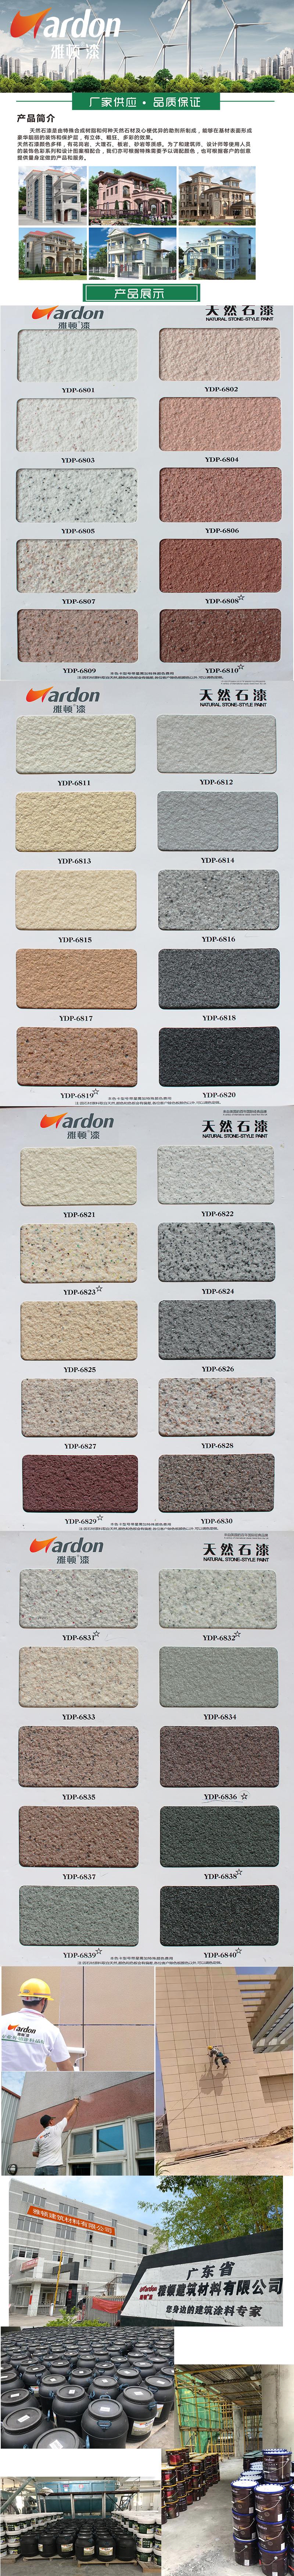 雅顿天然石漆图片产品4-20